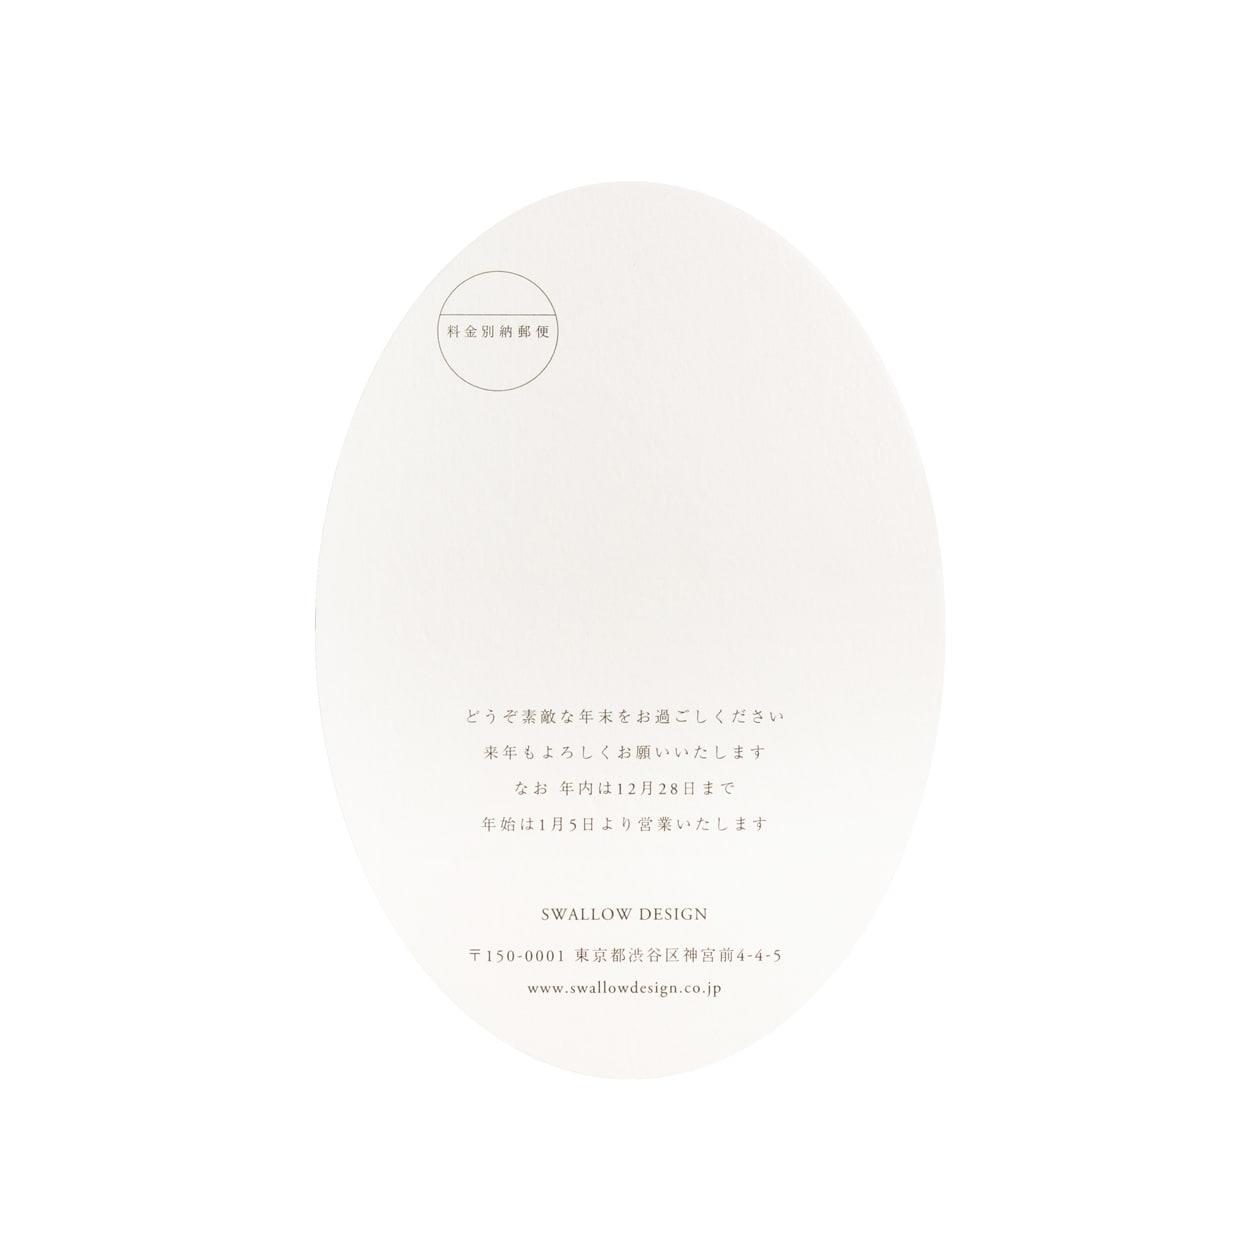 サンプル カード・シート 00461